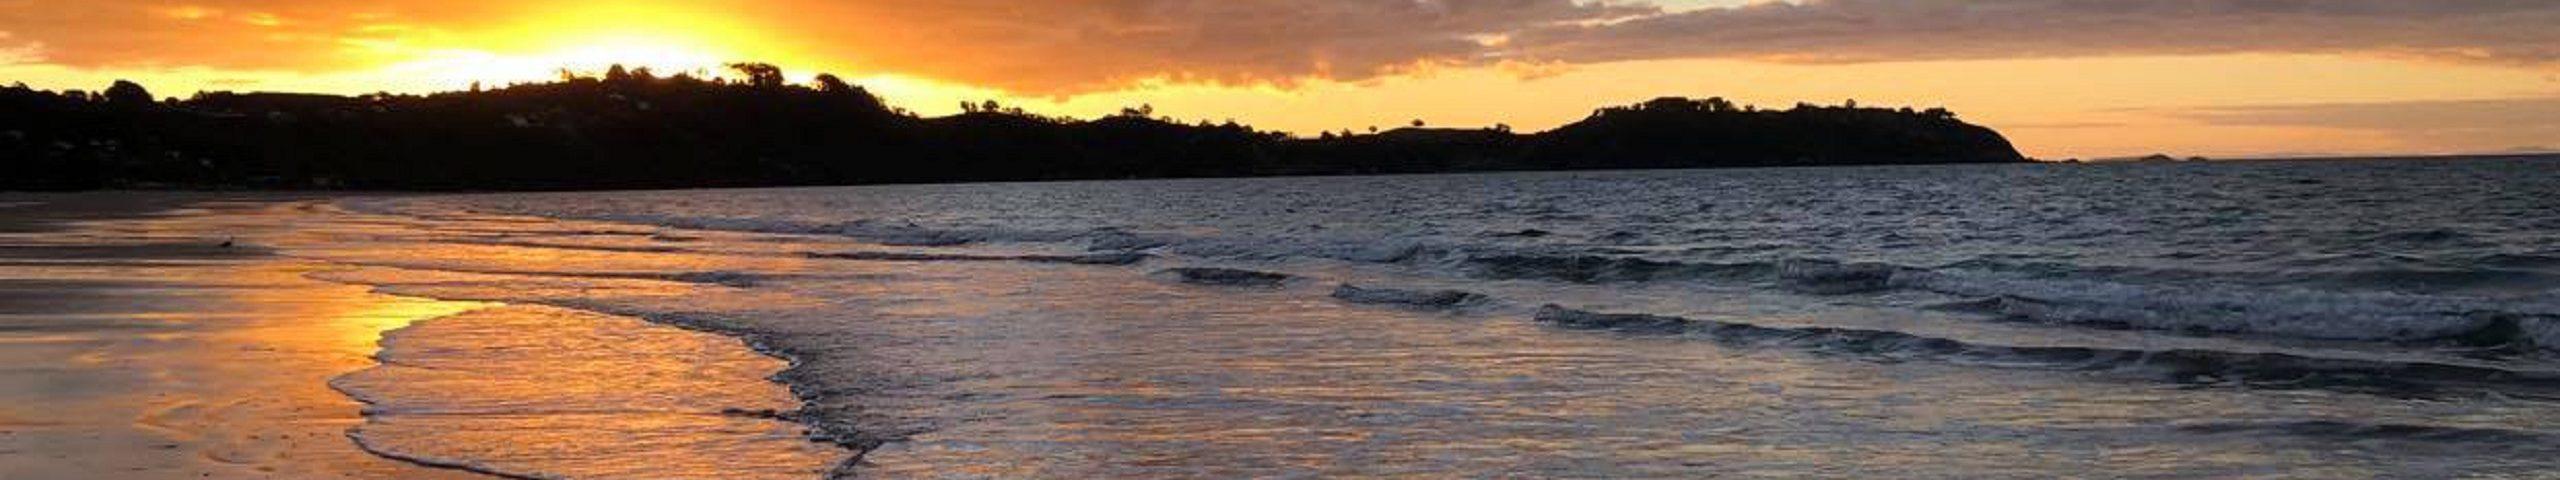 Onetangi Sunset